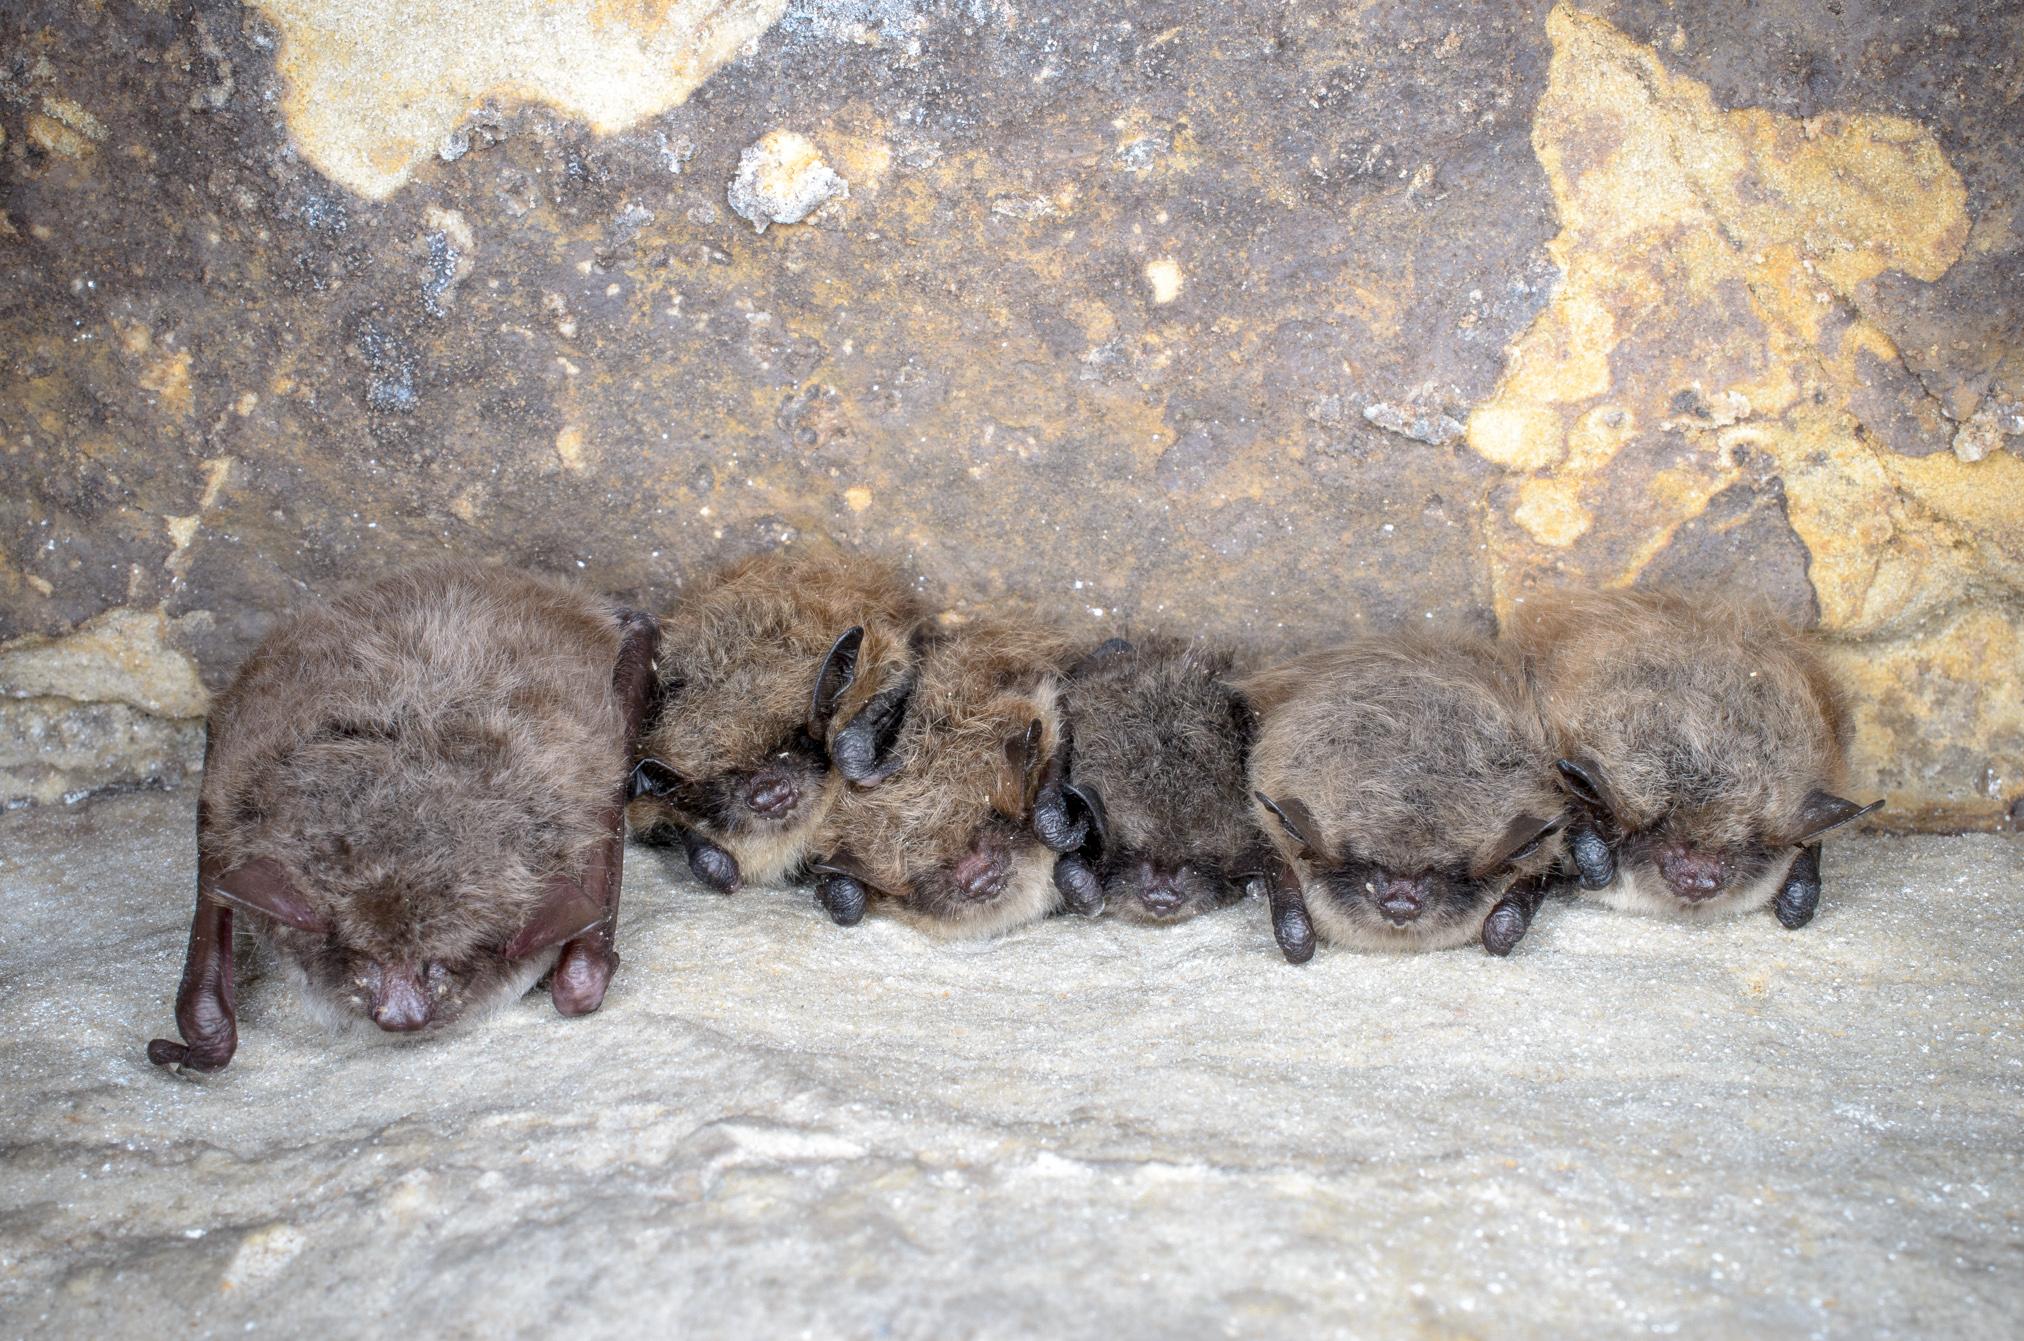 Kylki kyljessä, sulassa sovussa. Osa lepakoista viettää talven luolassa, kellarissa tai muussa sopivassa paikassa. Kuvassa on lampisiippa ja isoviiksisiippoja.